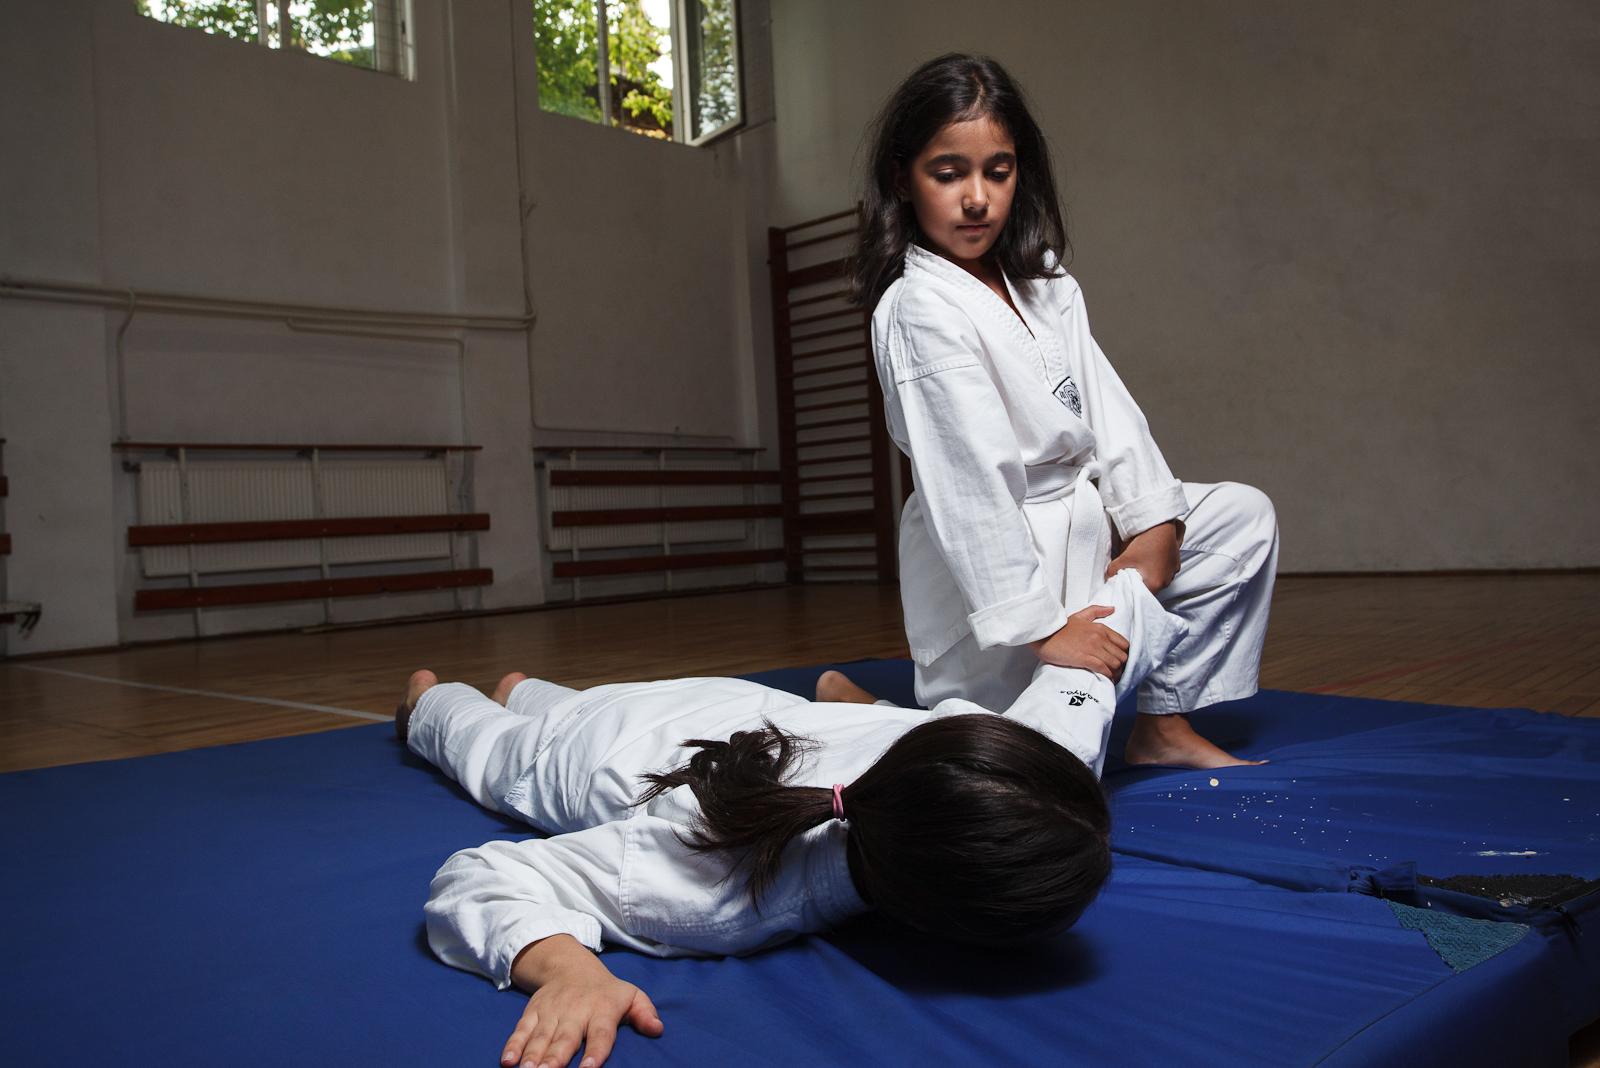 va ajuta taekwondo să piardă în greutate